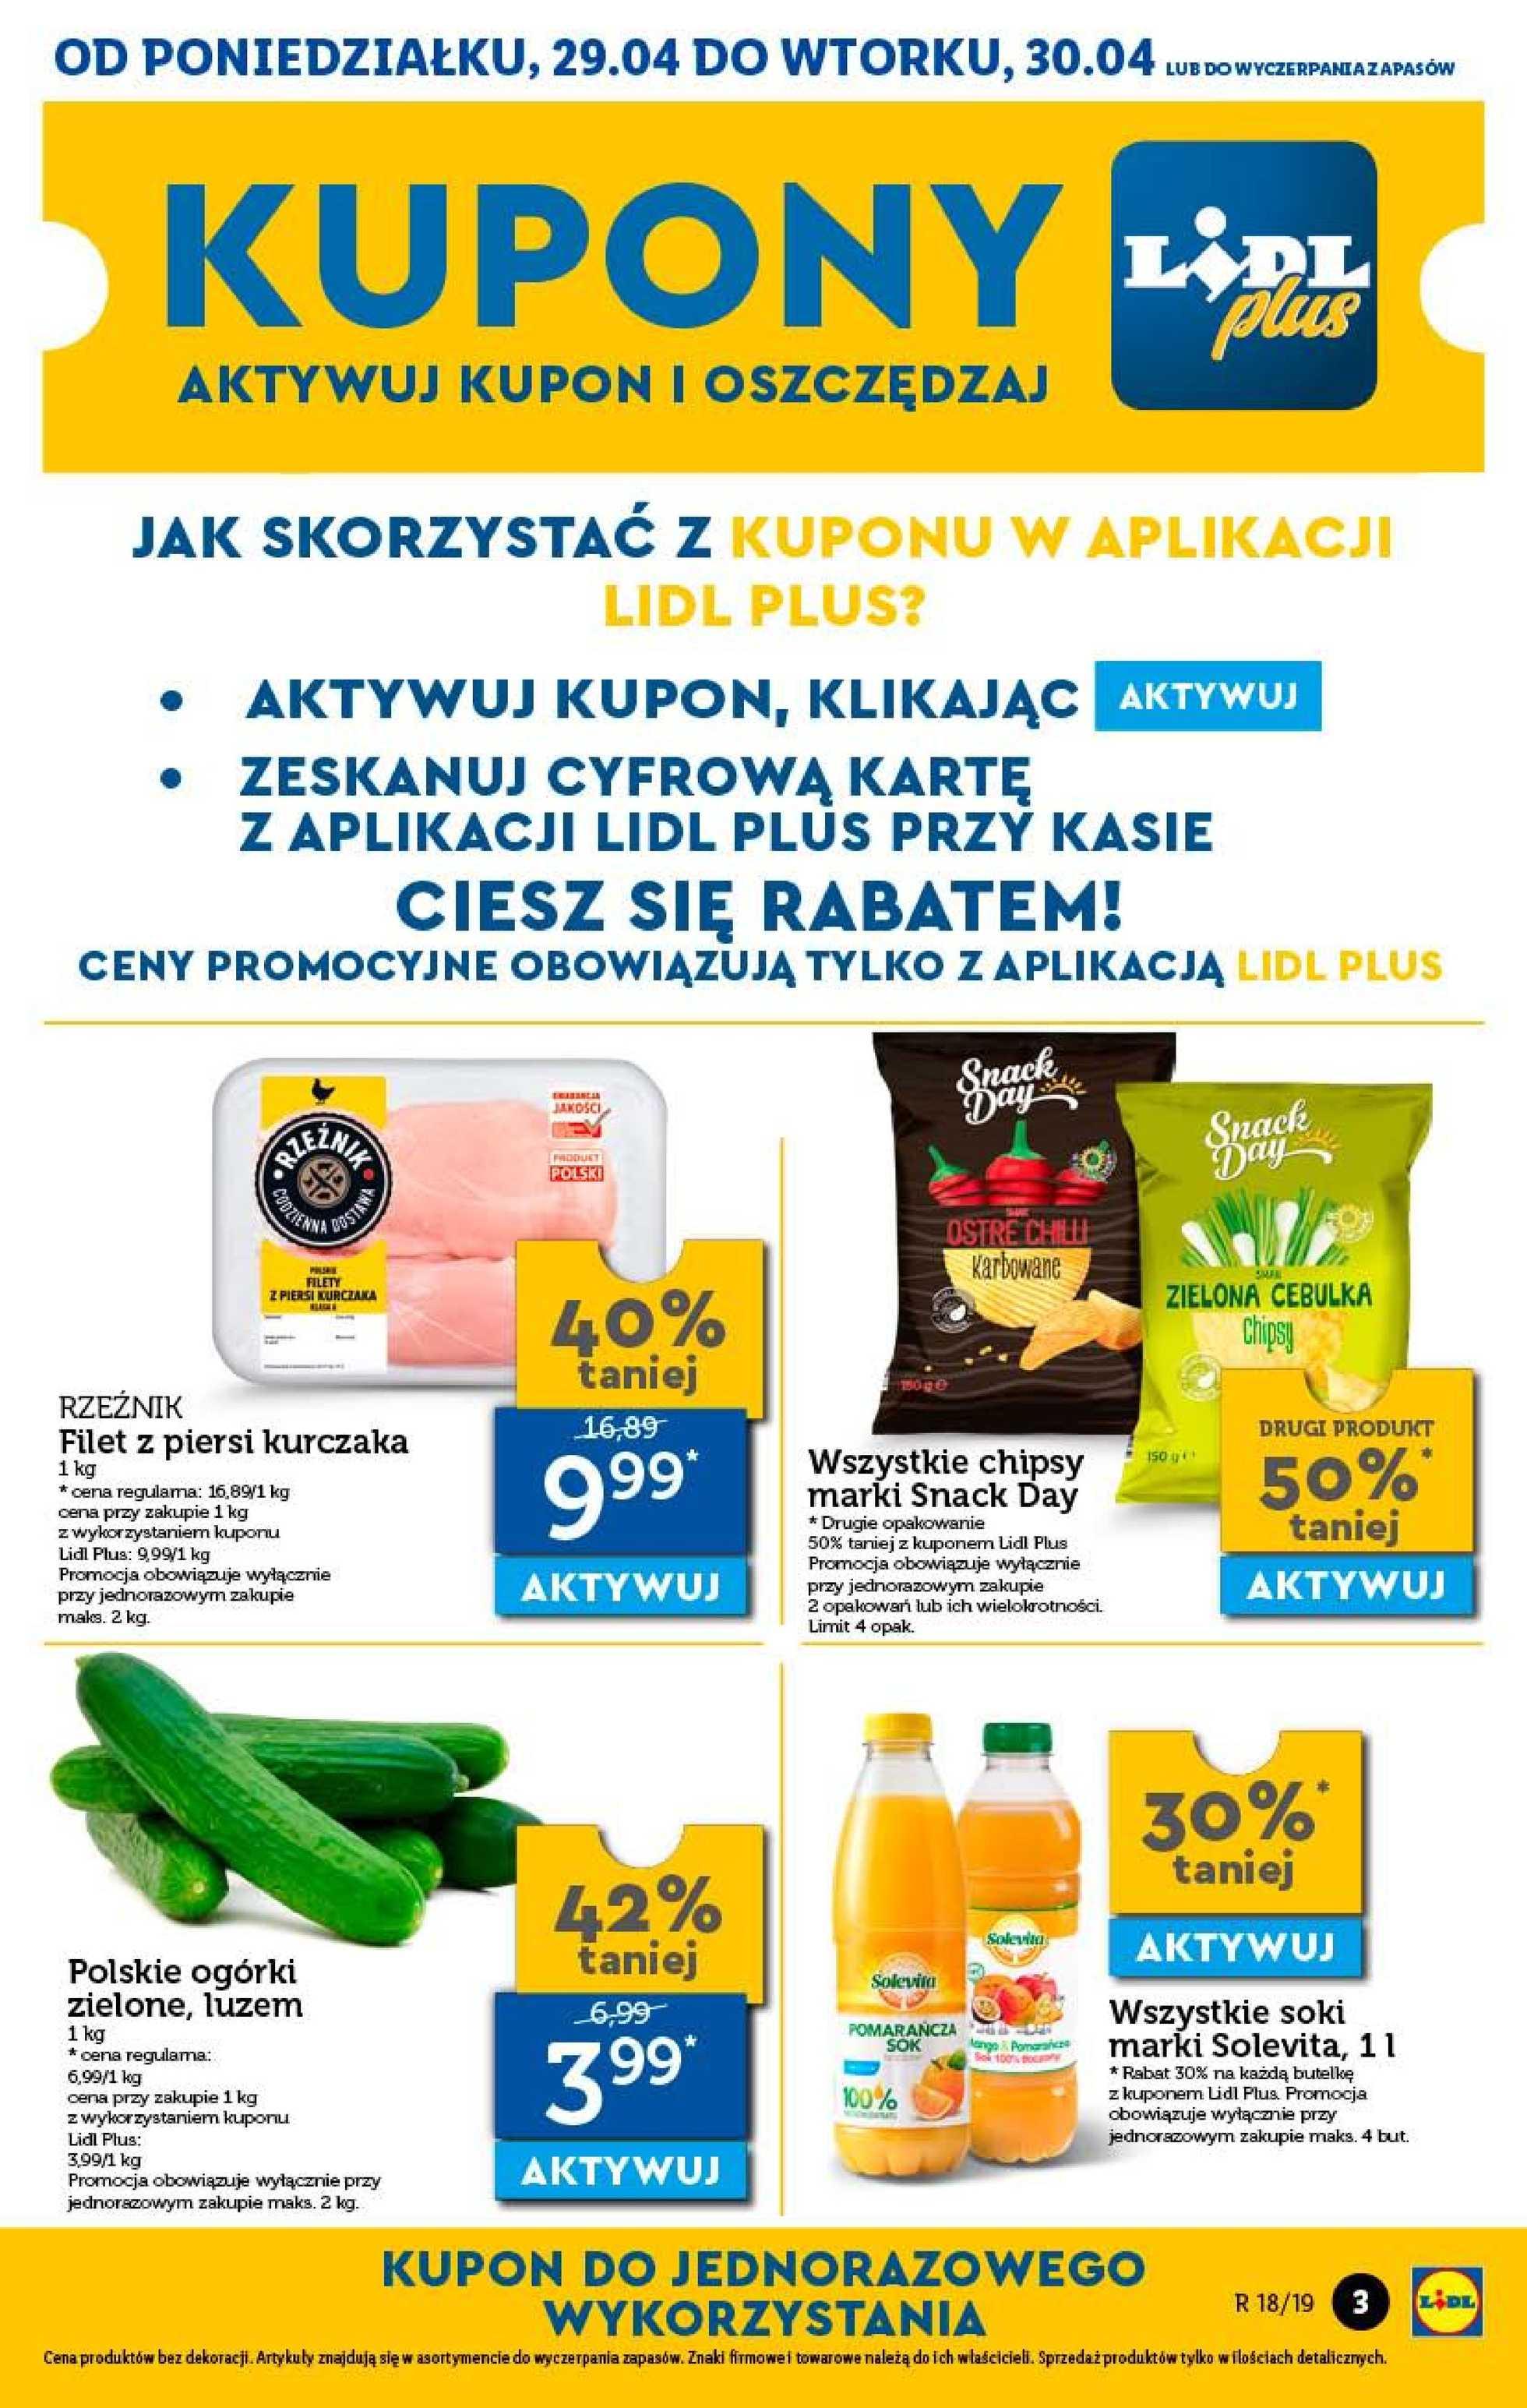 Lidl - gazetka promocyjna ważna od 29.04.2019 do 04.05.2019 - strona 3.